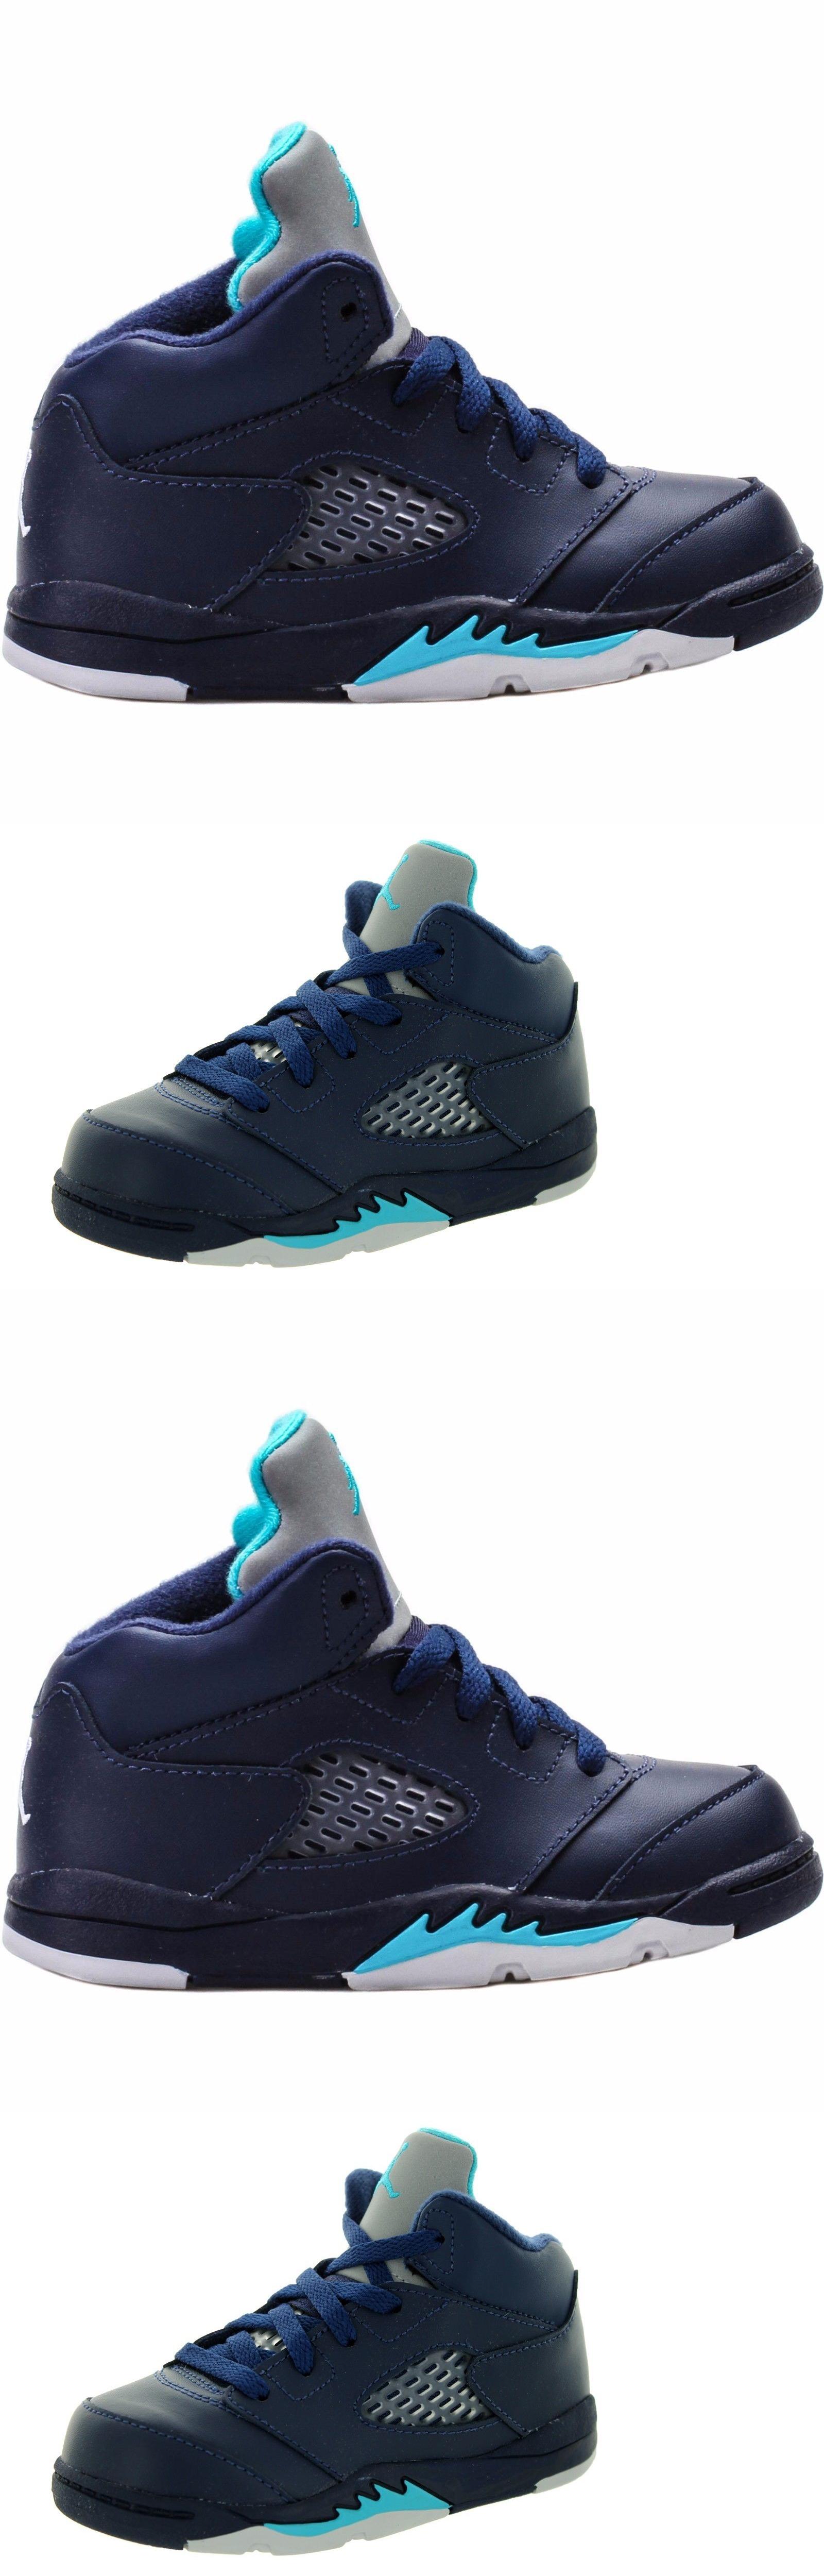 Baby Shoes Toddler Nike Air Jordan V 5 Retro Sneakers New